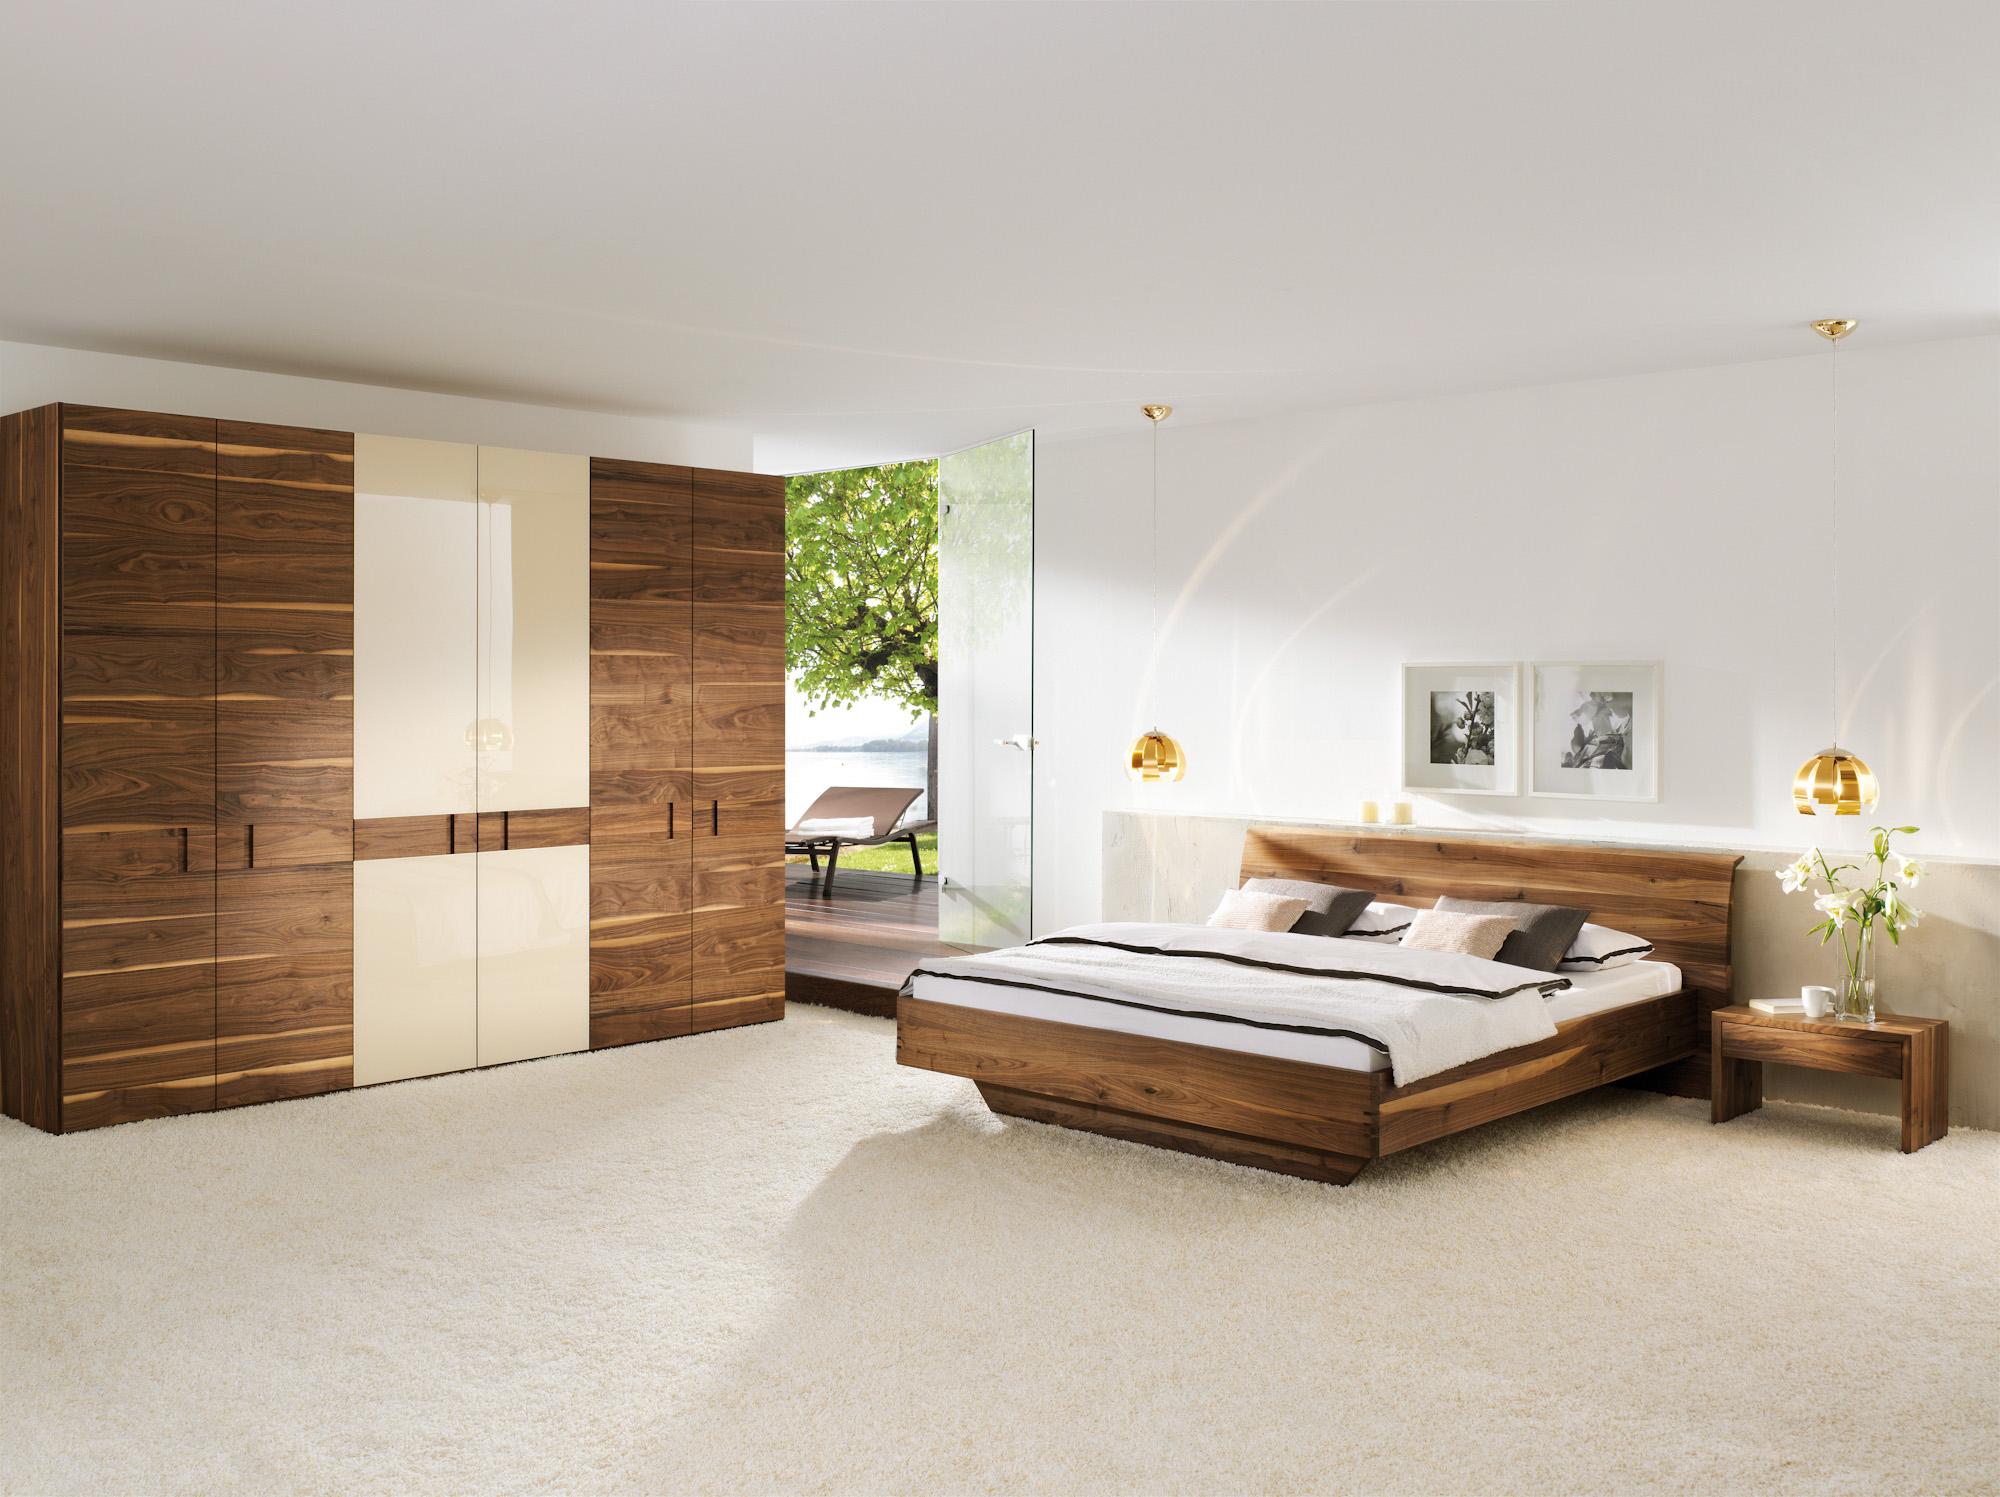 schlafzimmer nussbaum – raiseyourglass